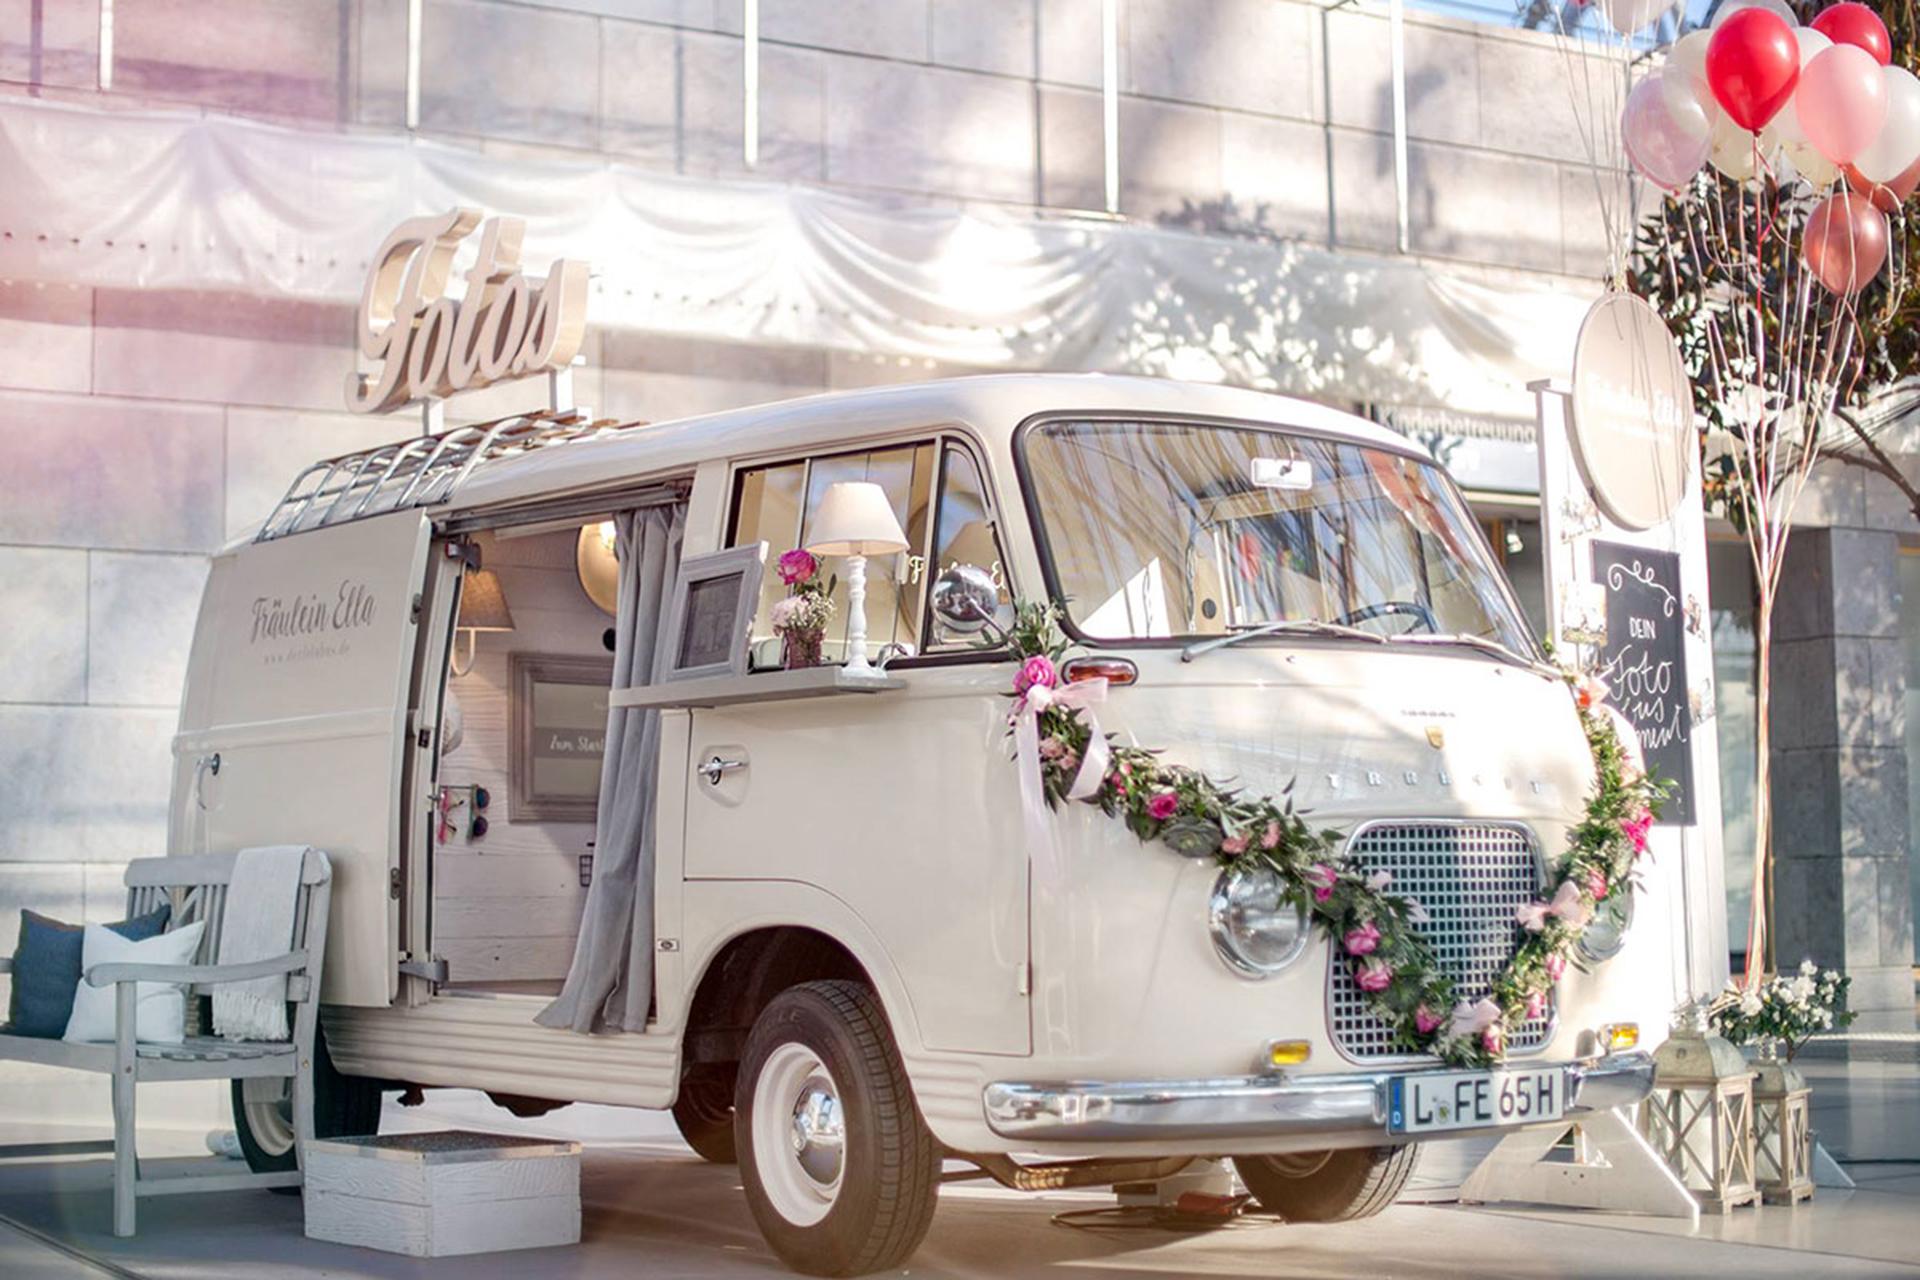 Zuzu_Birkhof_The-Wedding-Show-by-GALA-2017-Fotobus_1920px